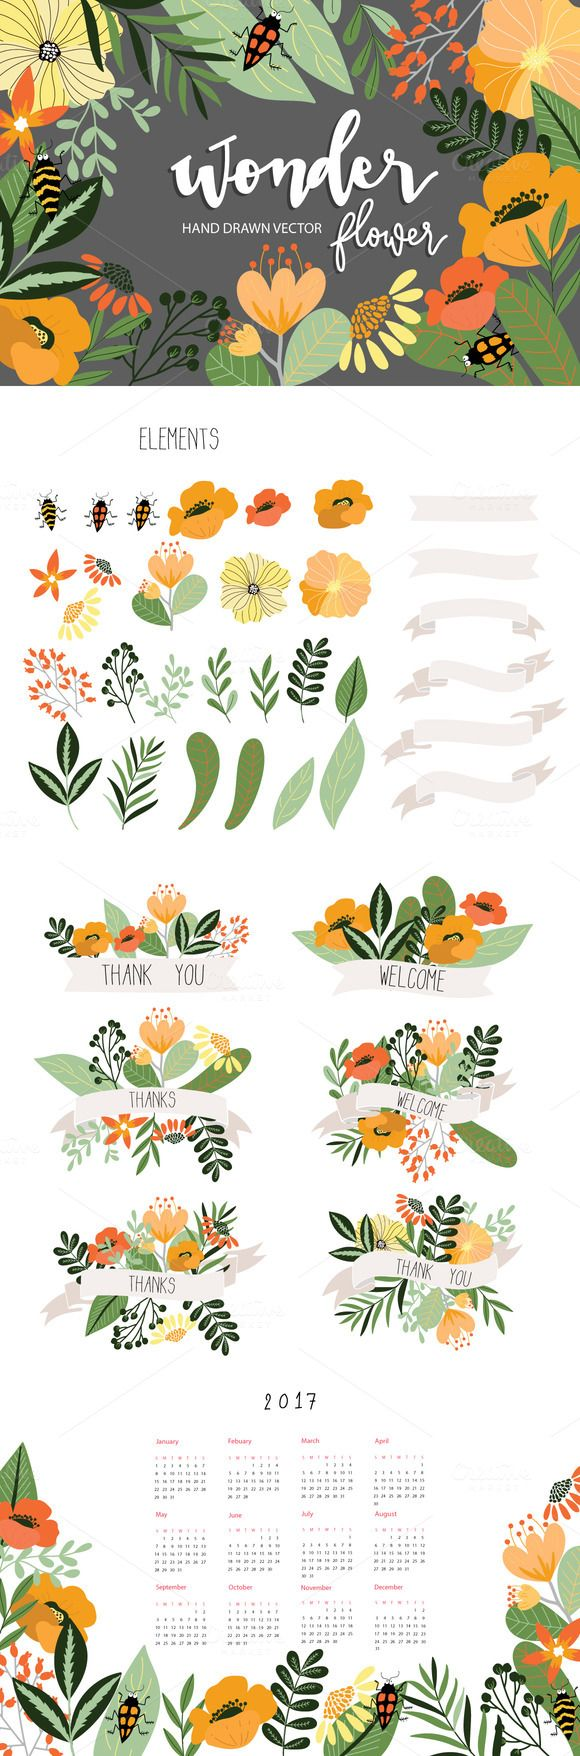 Color art floral wonders - Wonder Flower Hand Drawn Vector Diy By Beerjunk On Creativemarket